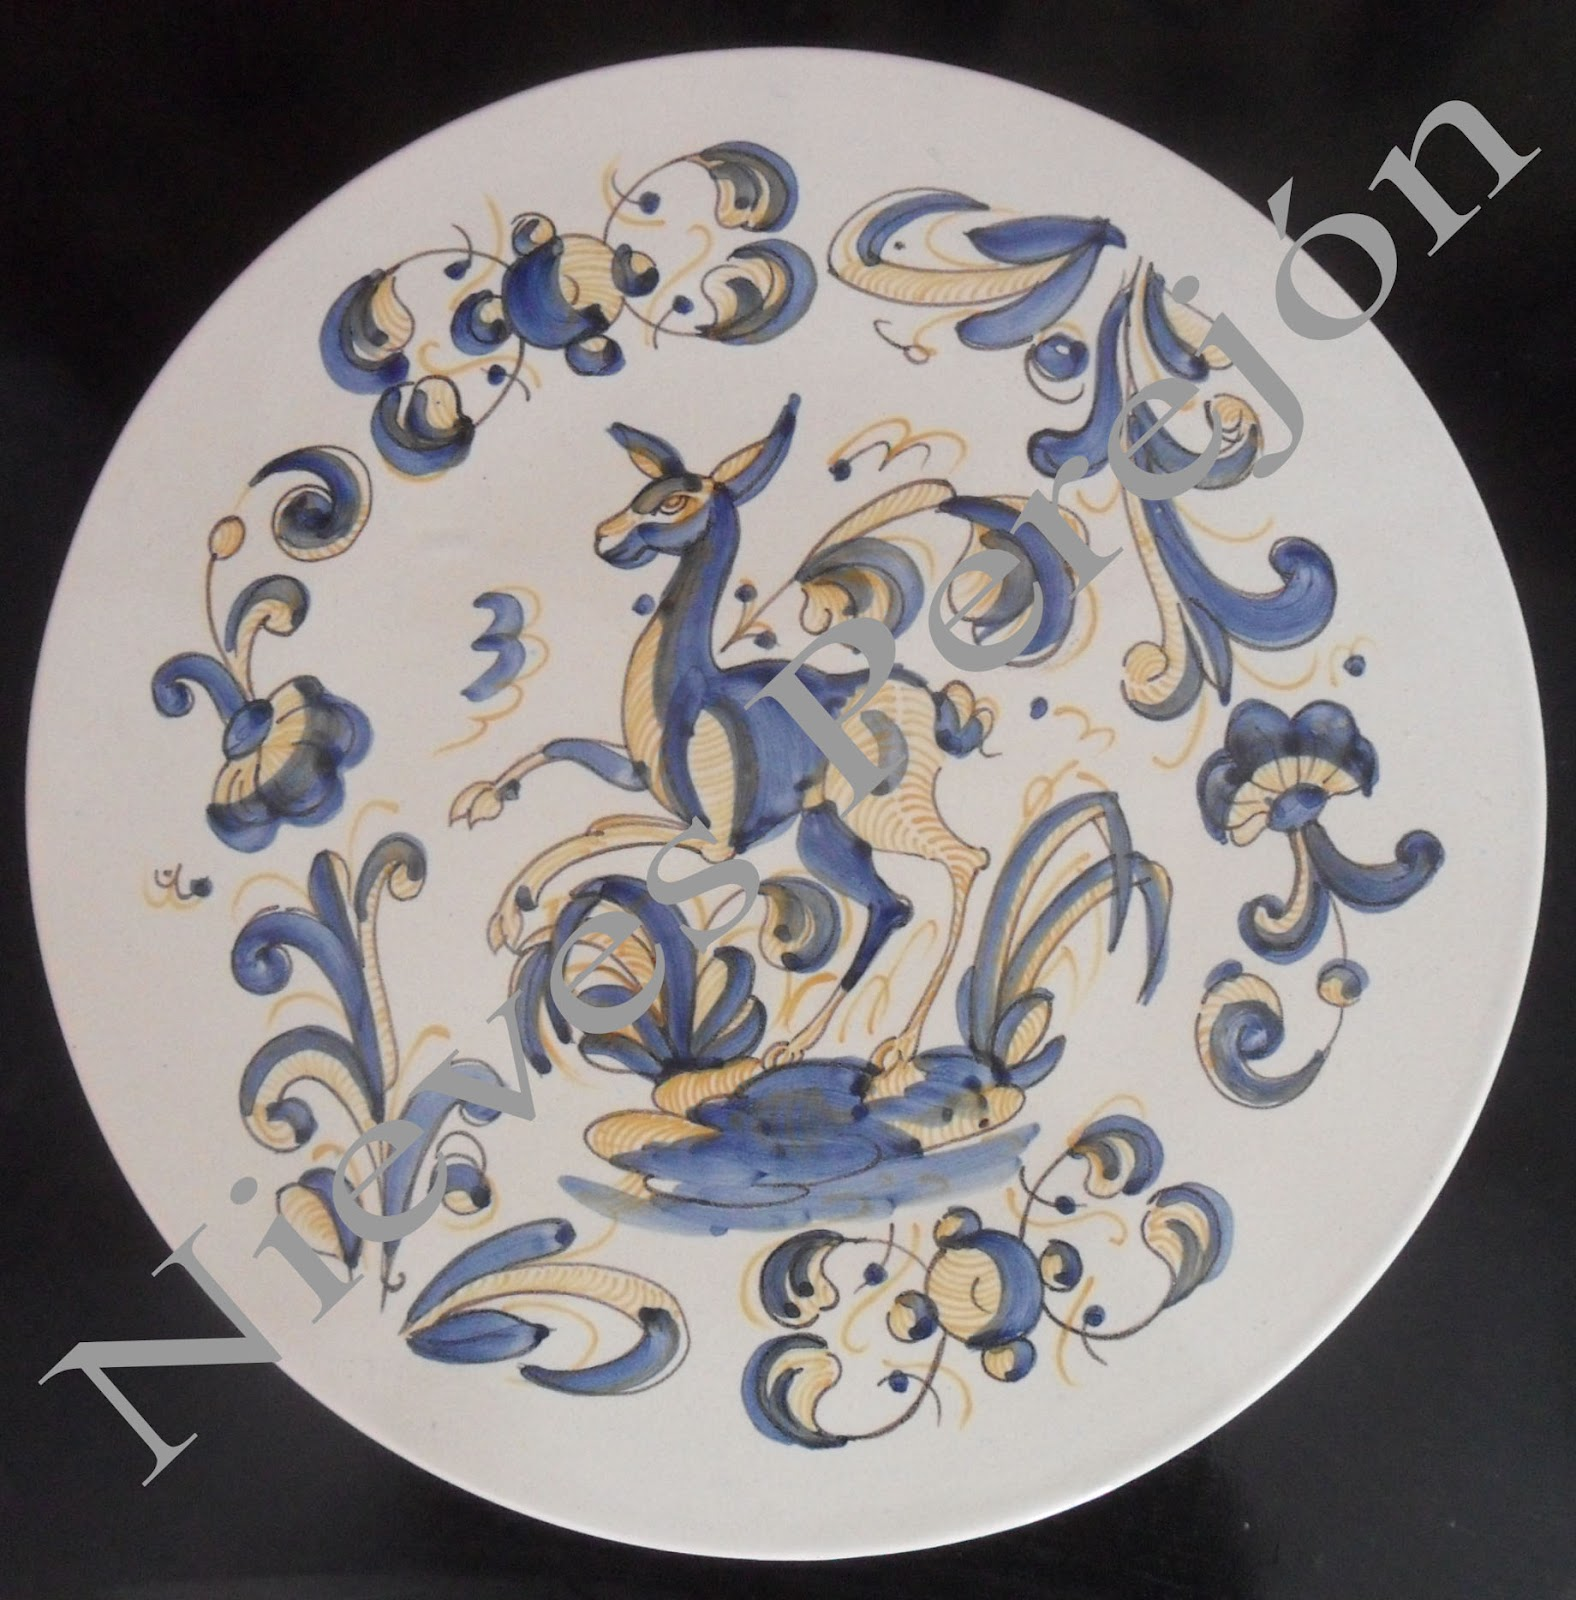 Nieves perej n platos cer mica - Platos de ceramica ...